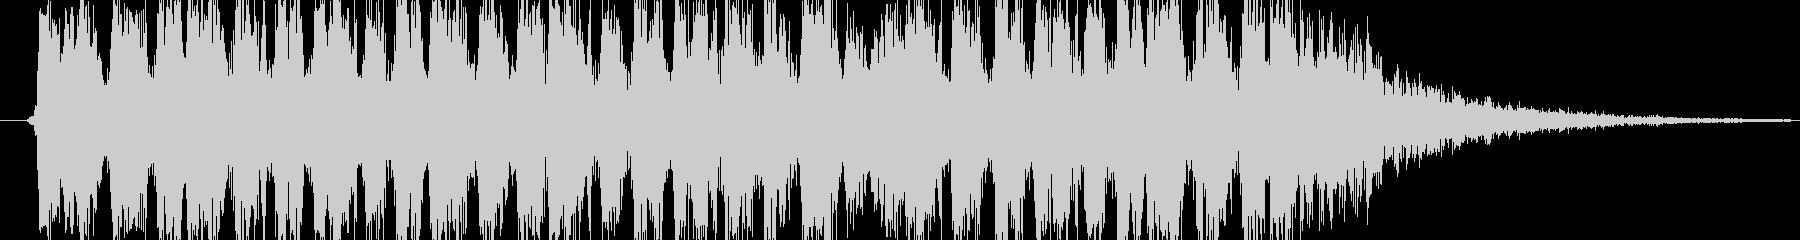 サブマシンガン発砲音の未再生の波形